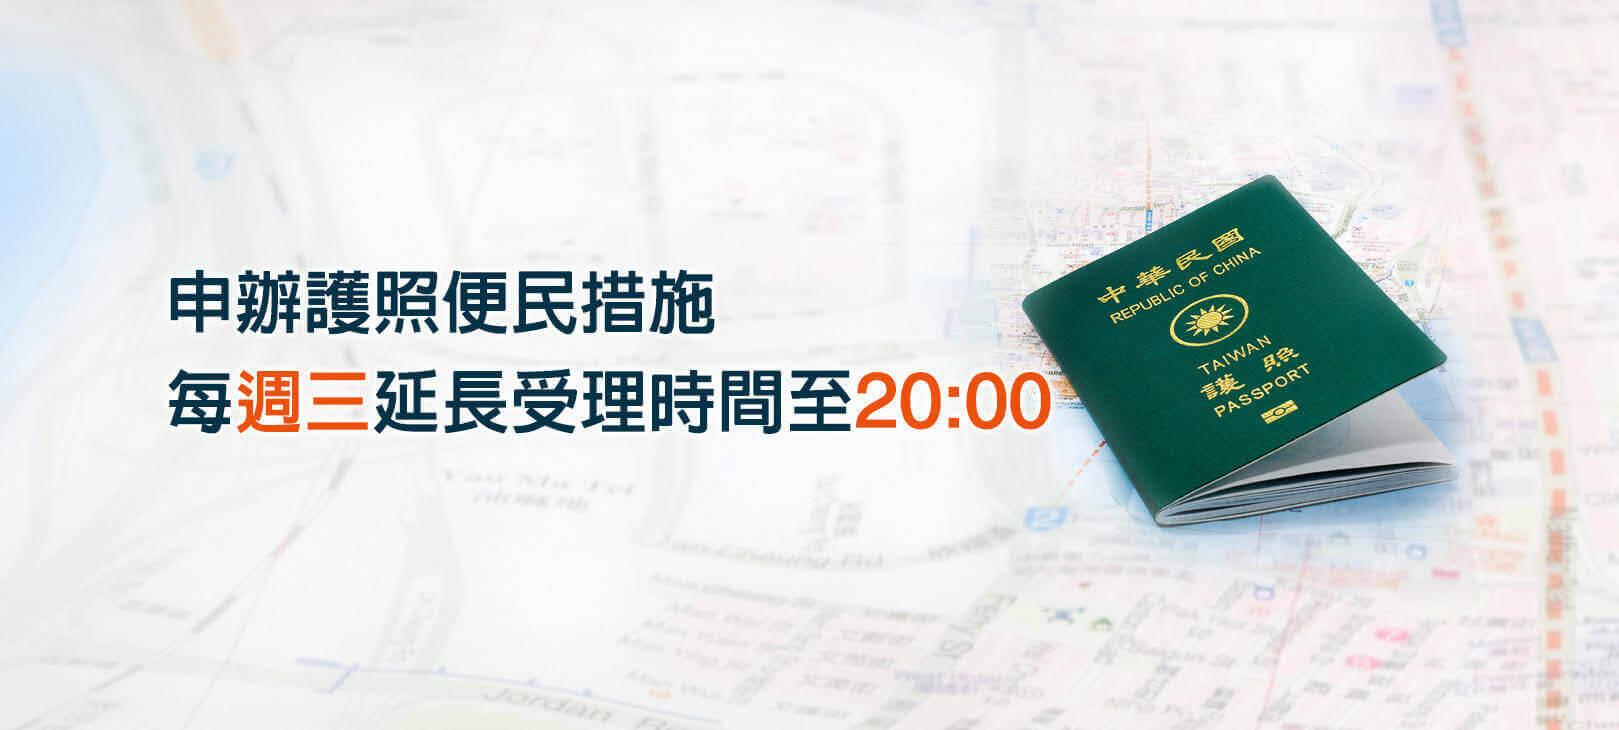 申辦護照便民措施,每週三延長受理時間至20:00